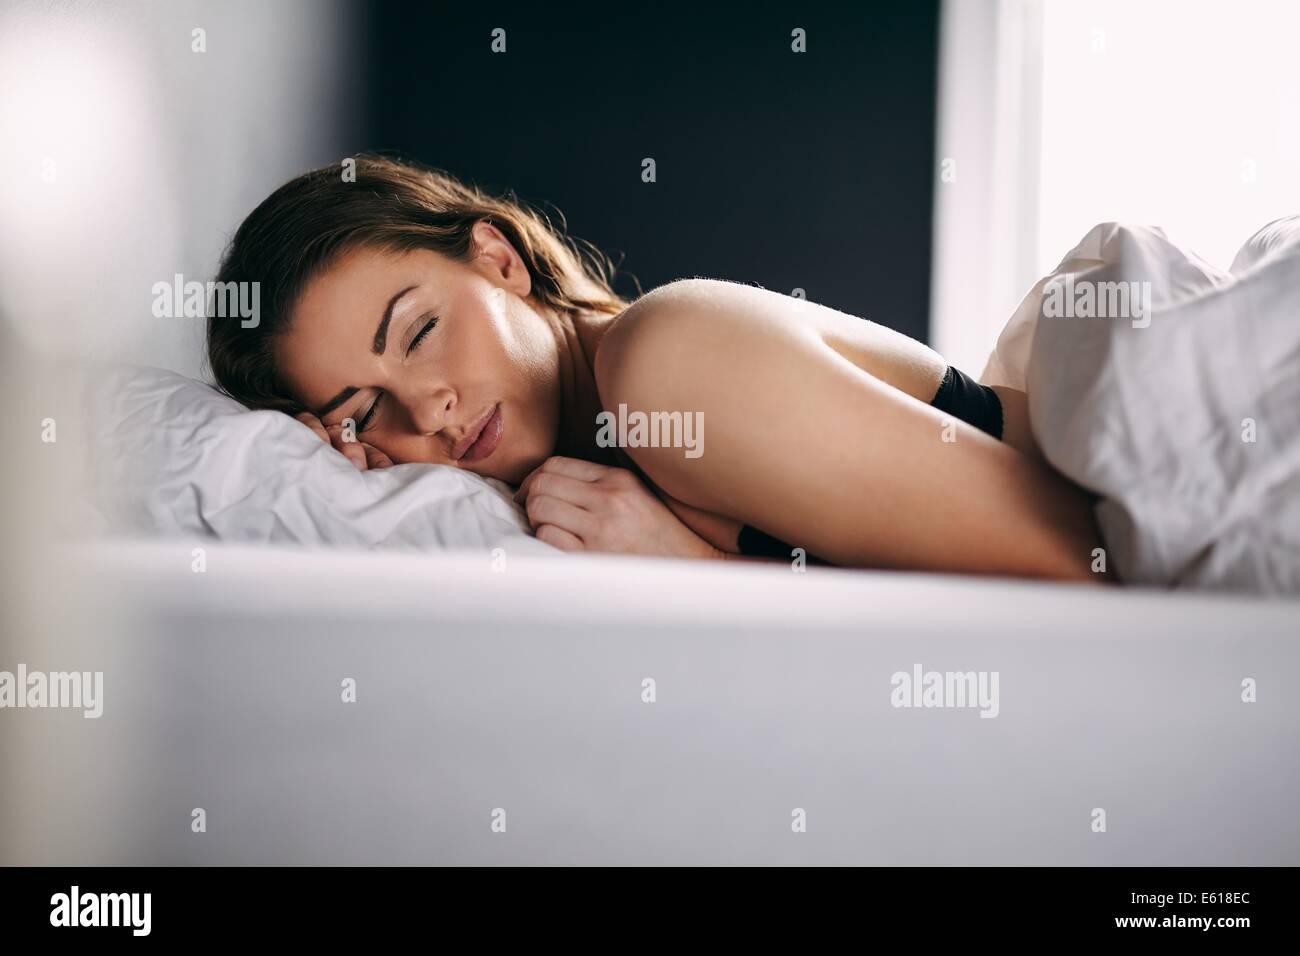 Ritratto di giovane rilassato lady dormire nel suo letto. Modello femminile dormire serenamente nel suo letto. Immagini Stock